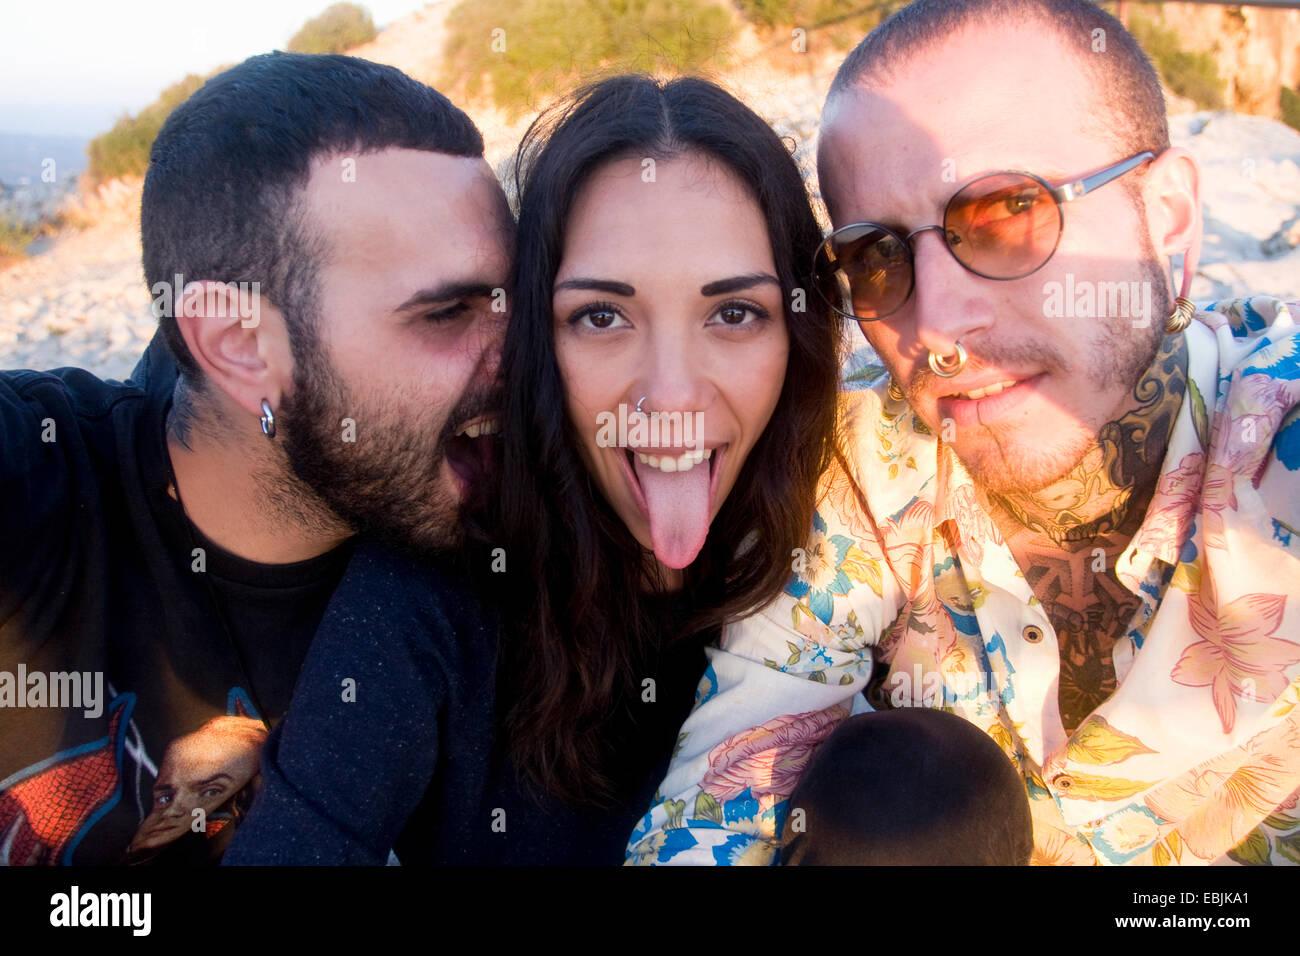 Cerca de tres jóvenes amigos adultos haciendo caras en la costa, Marsella, Francia Foto de stock